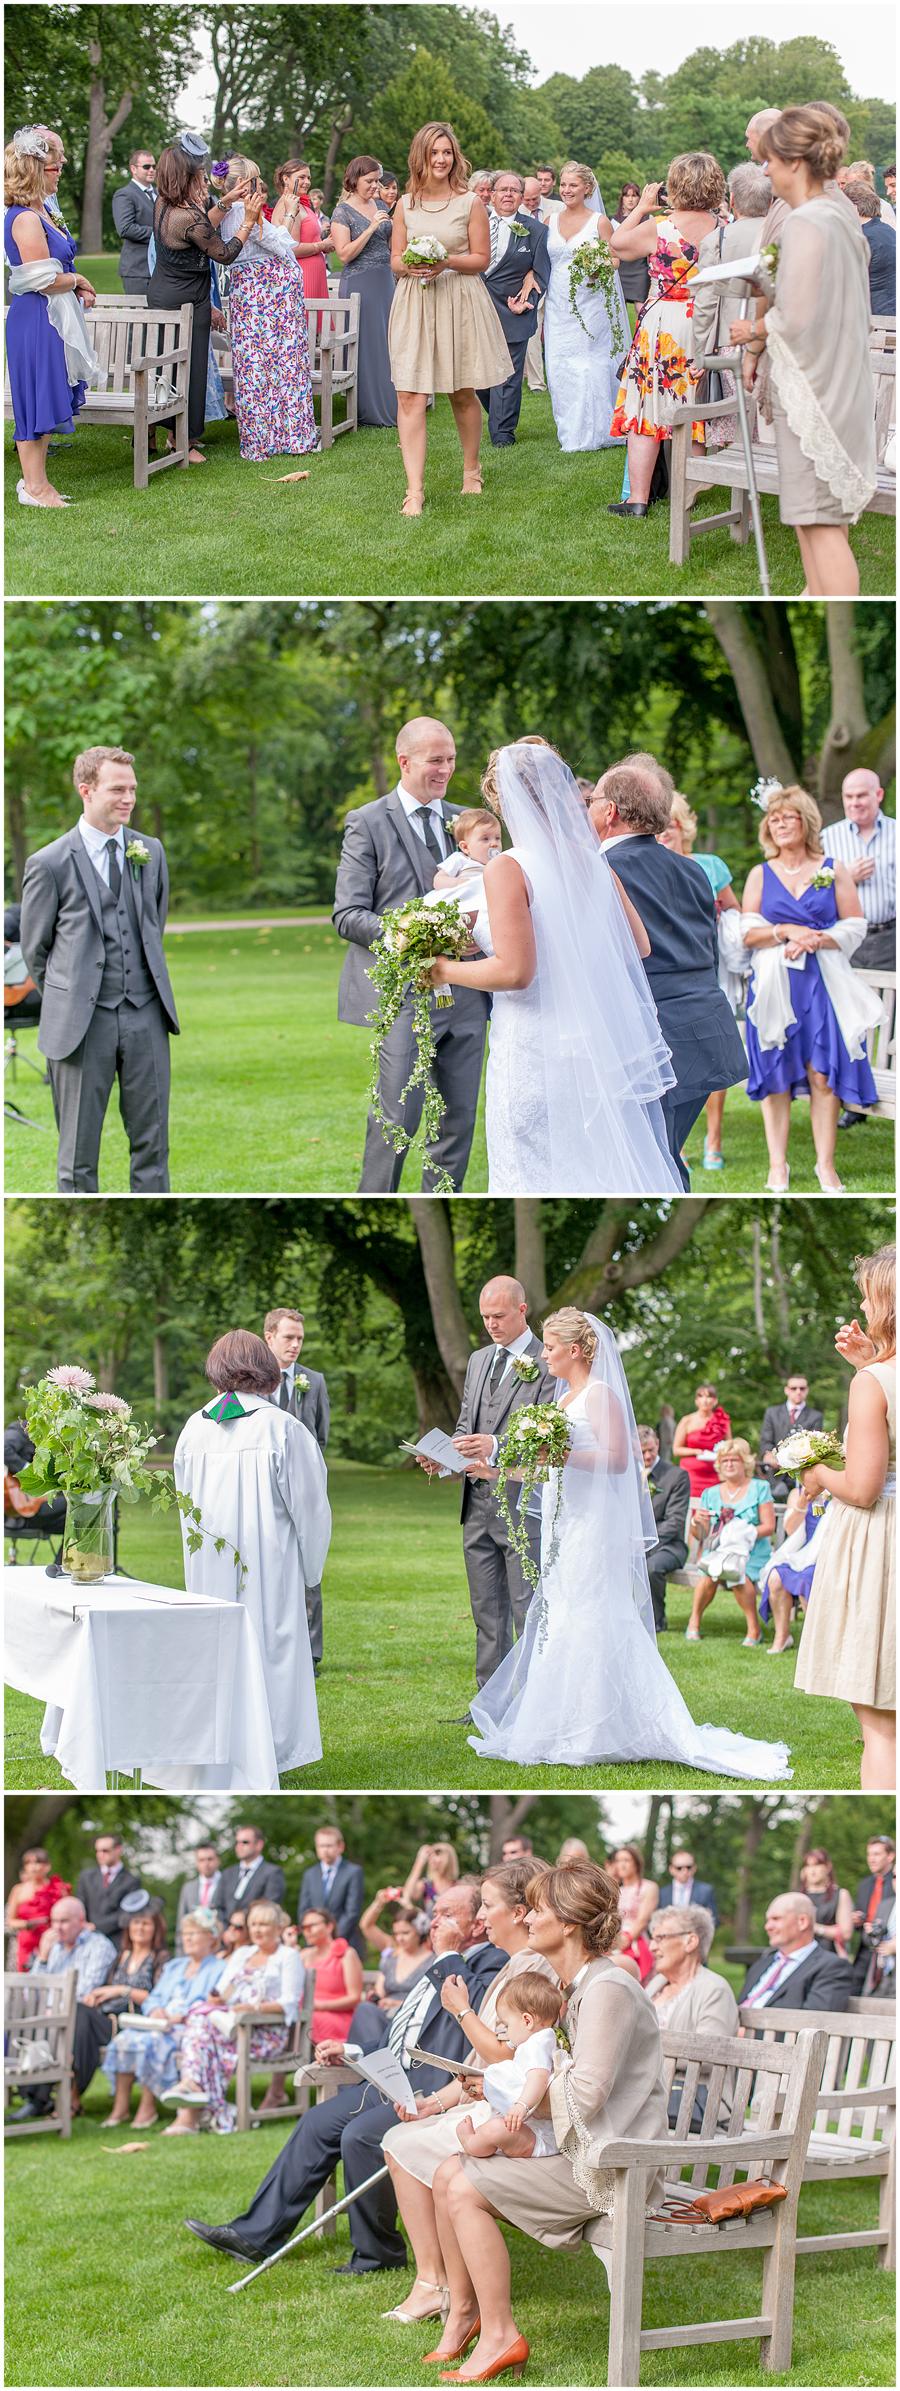 Jeanette och Gareth, Helsingborg - Vigsel Sofiero del två